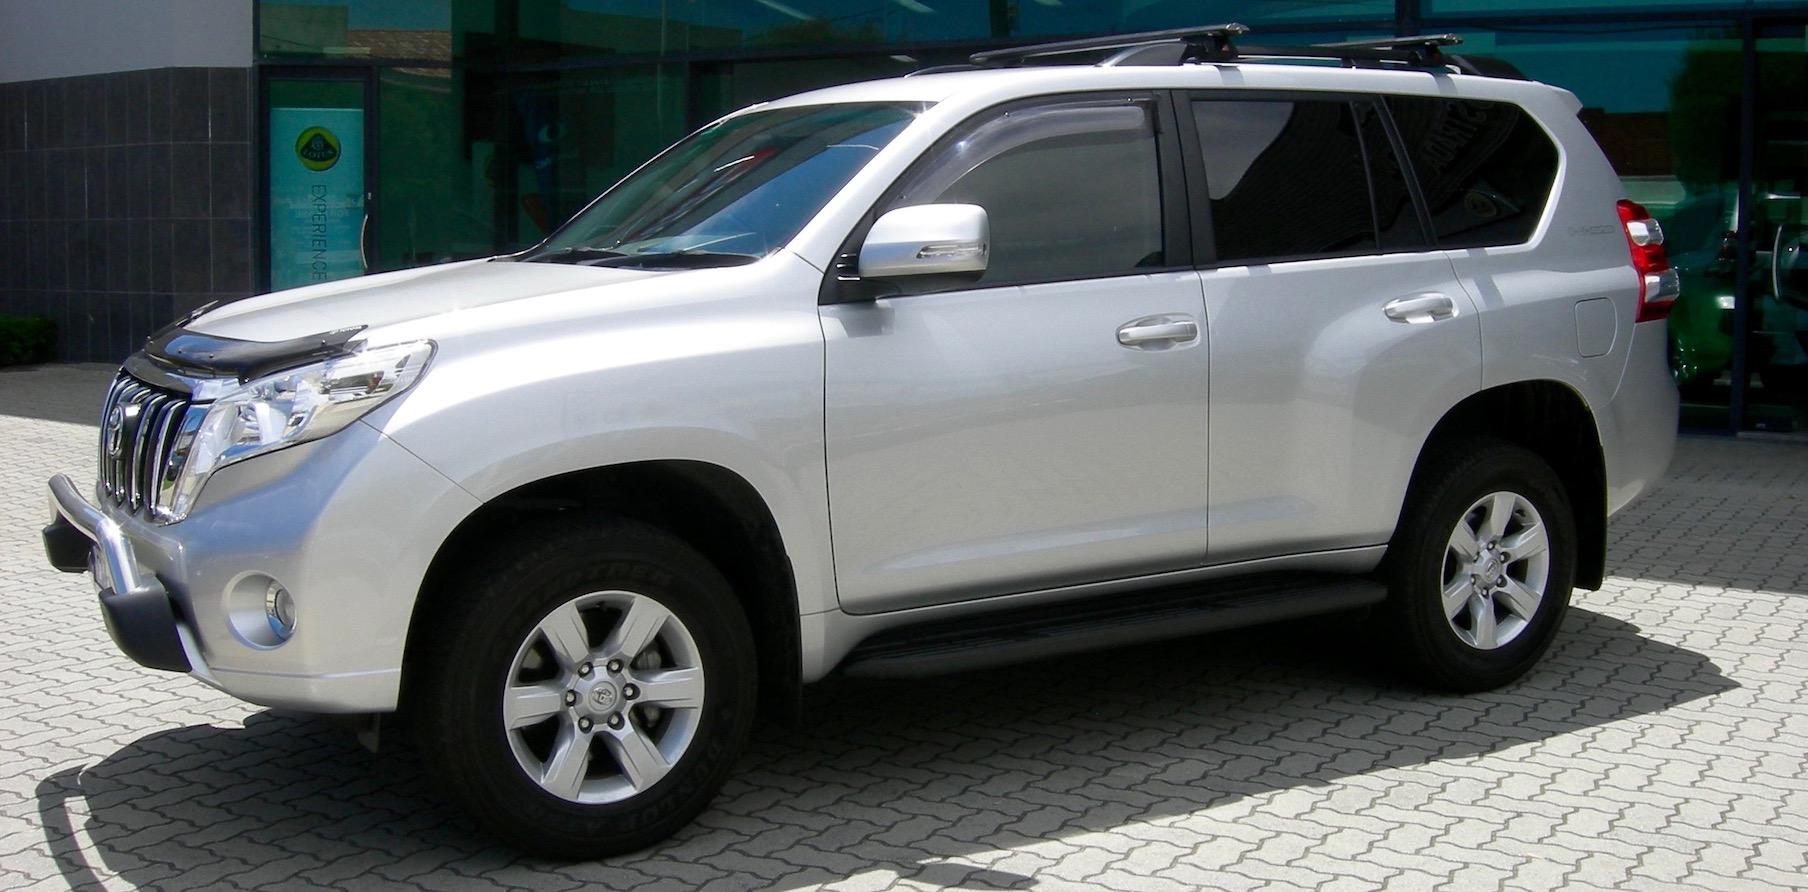 Toyota Prado for sale in Perth